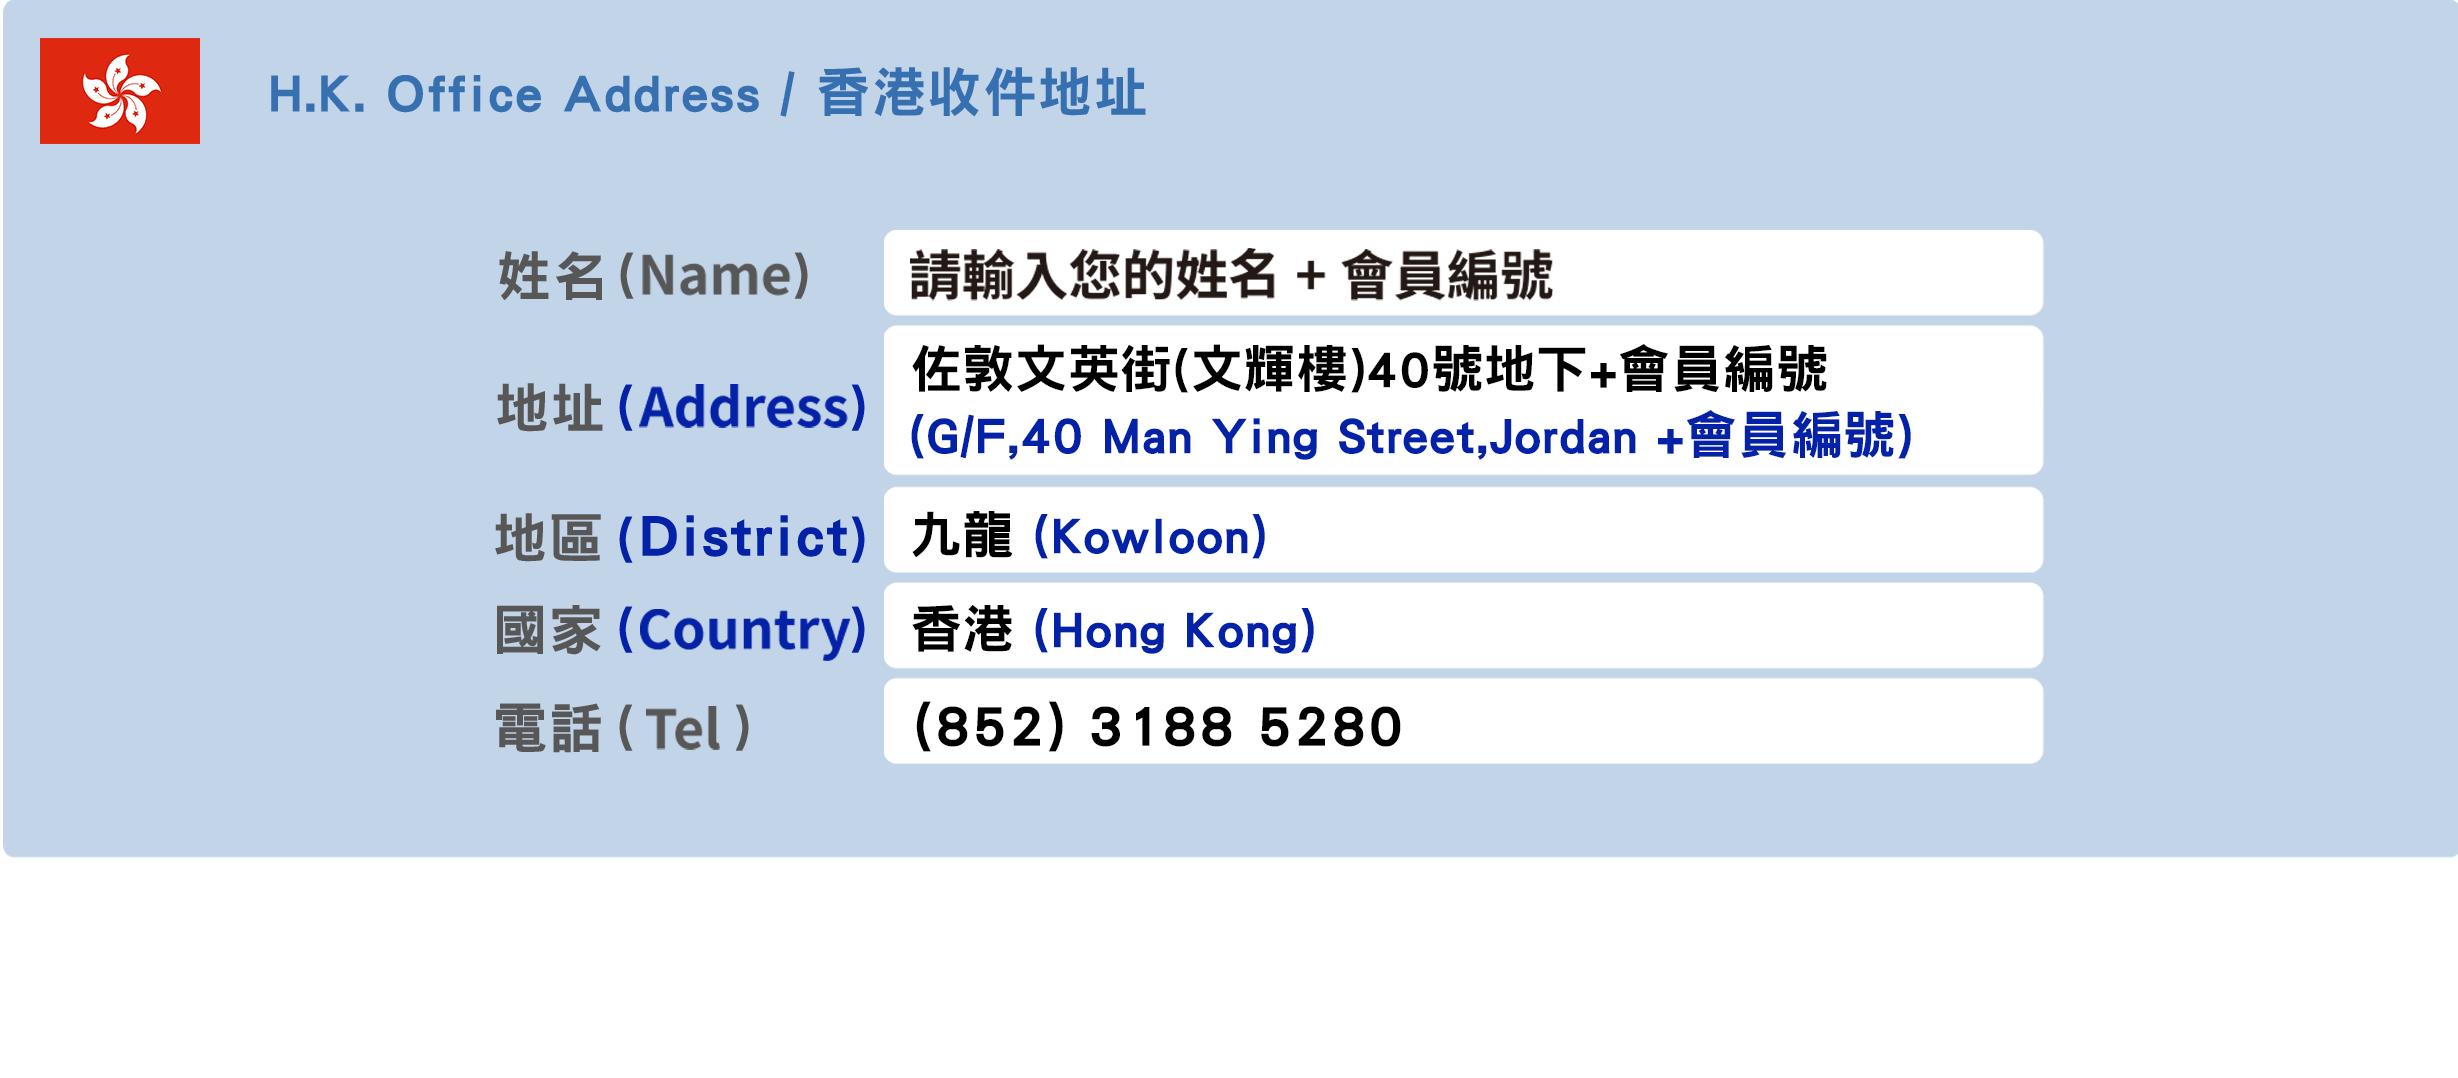 Shipgo國際代運-香港集貨倉地址